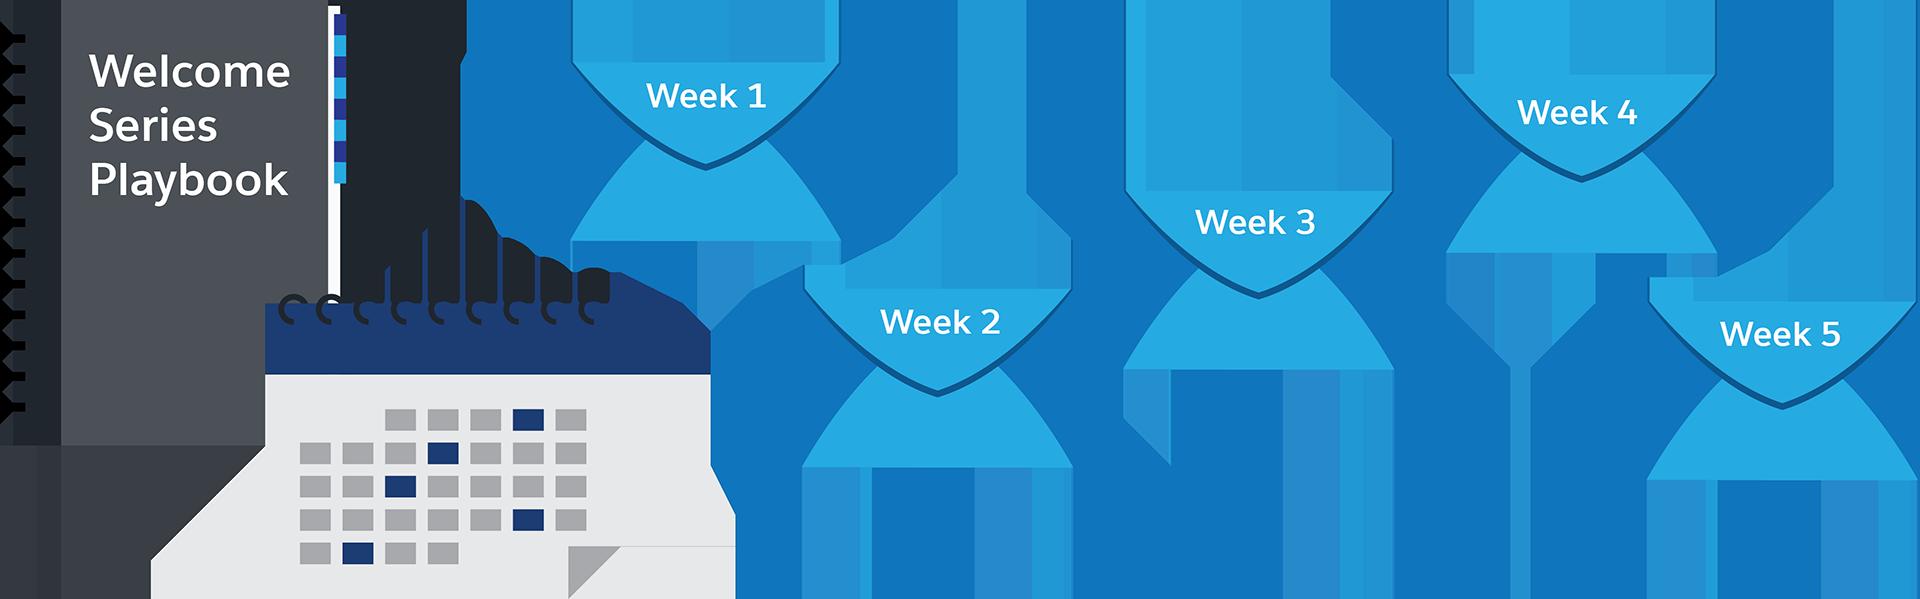 Calendario, libro y emails creando una serie de emails de bienvenida enviados a horas diferentes.